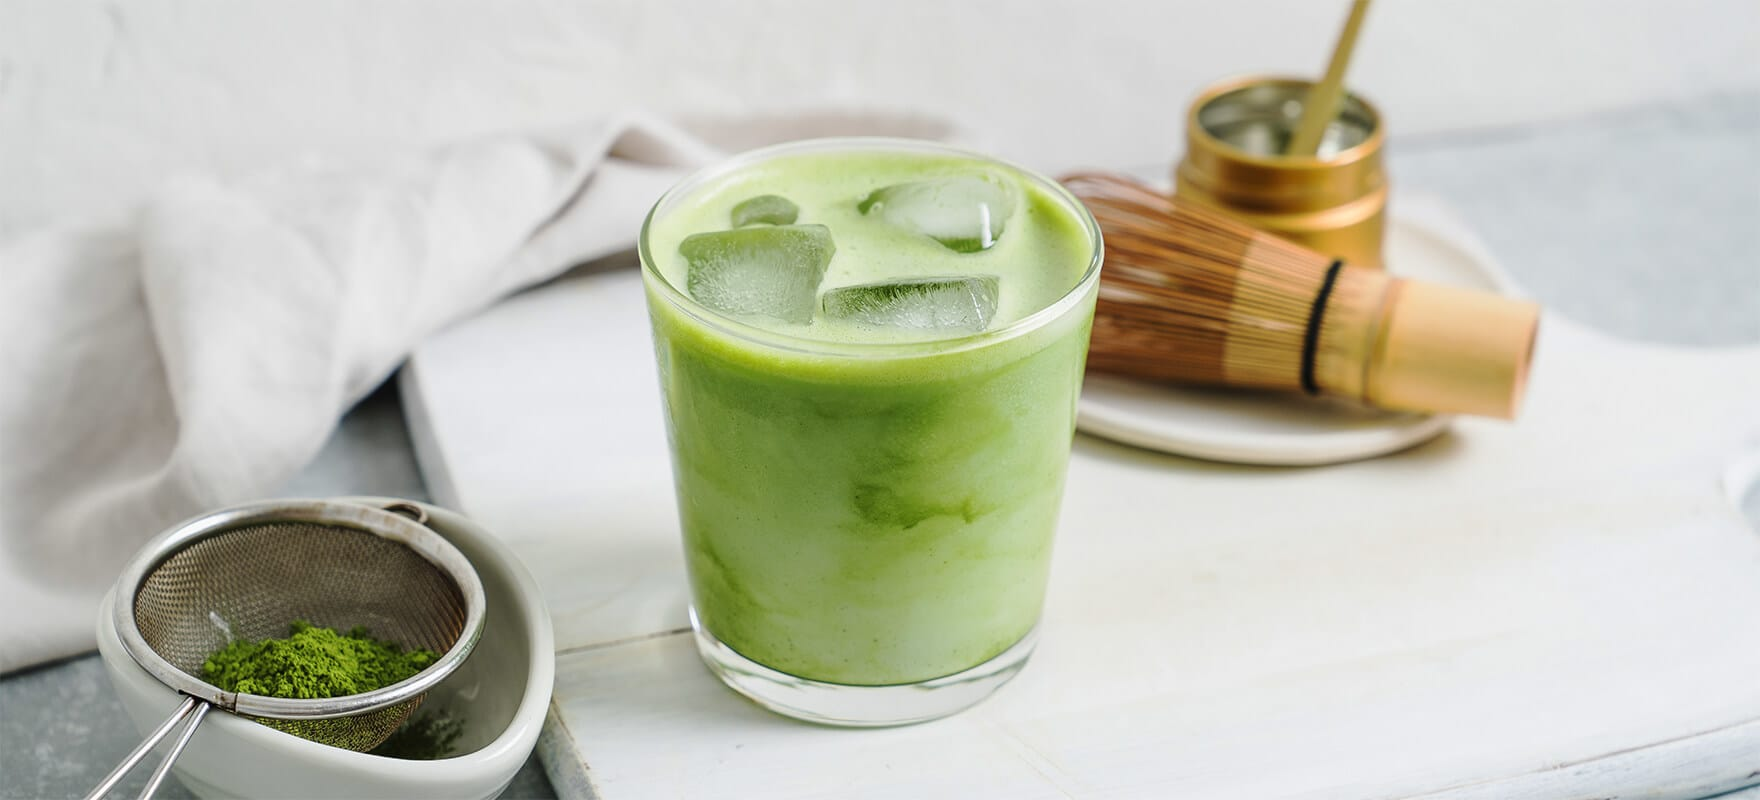 Iced matcha latte image 1